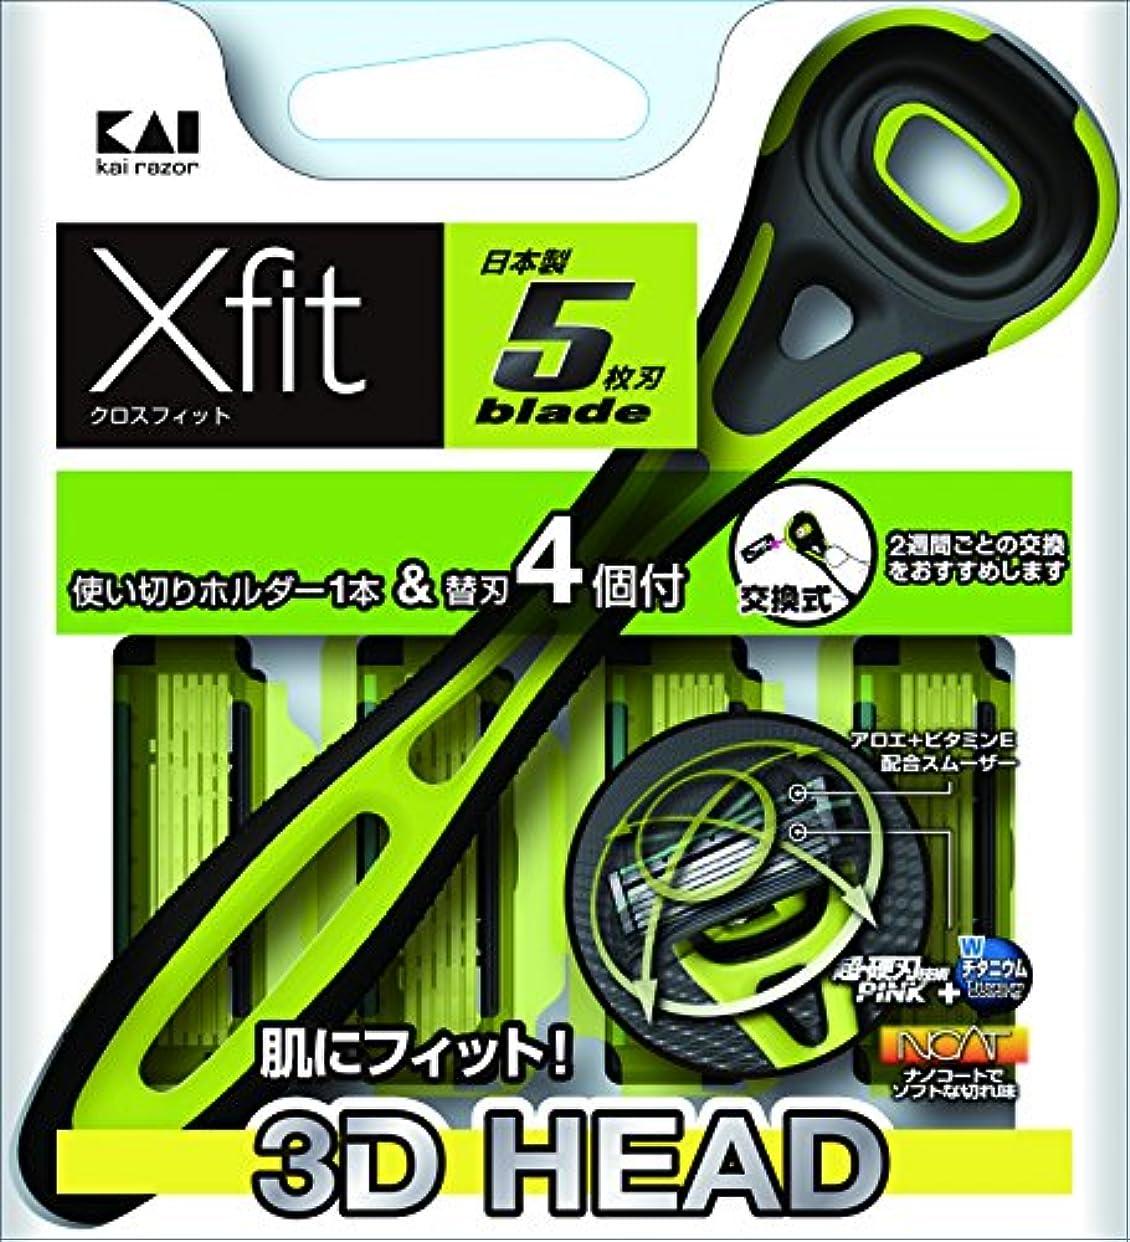 安定した傑出したエスニックXfit(クロスフィット)5枚刃 クリアパッケージ 使い切りホルダー+替刃4個